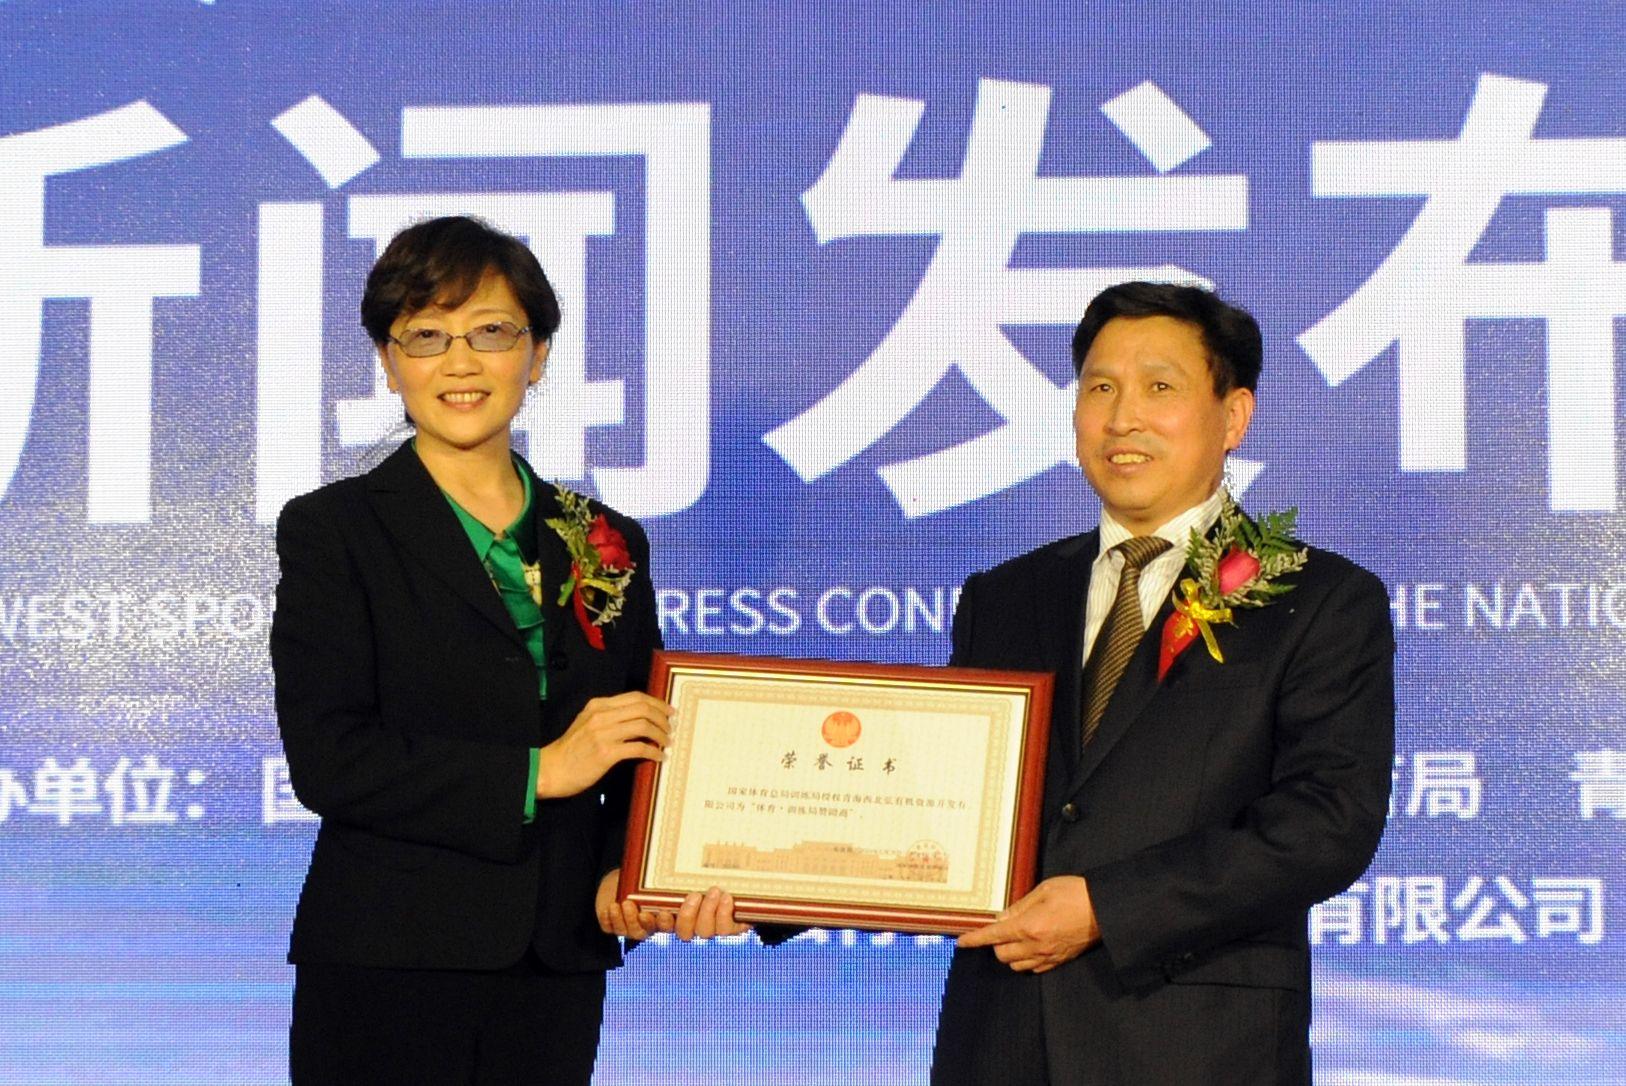 青海西北弘公司赞助国家体育总局训练局新闻发布会顺利举行